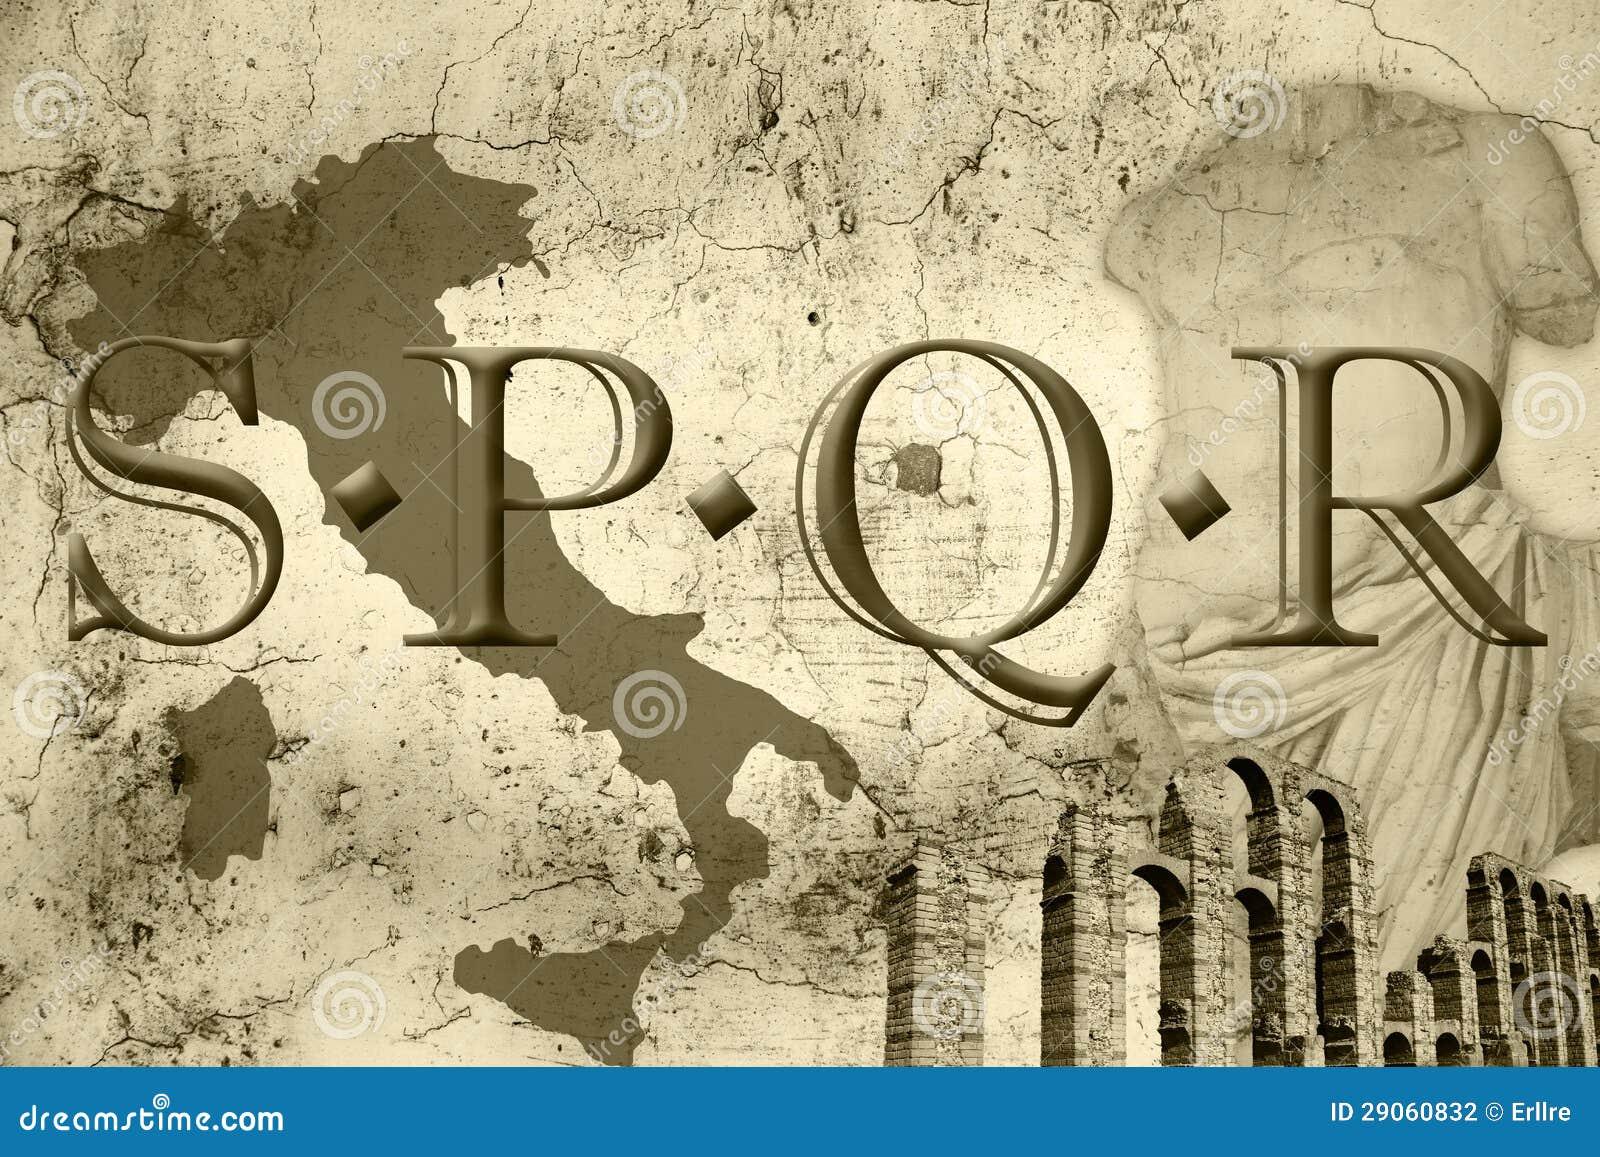 Roman Gladiator Tattoo SPQR